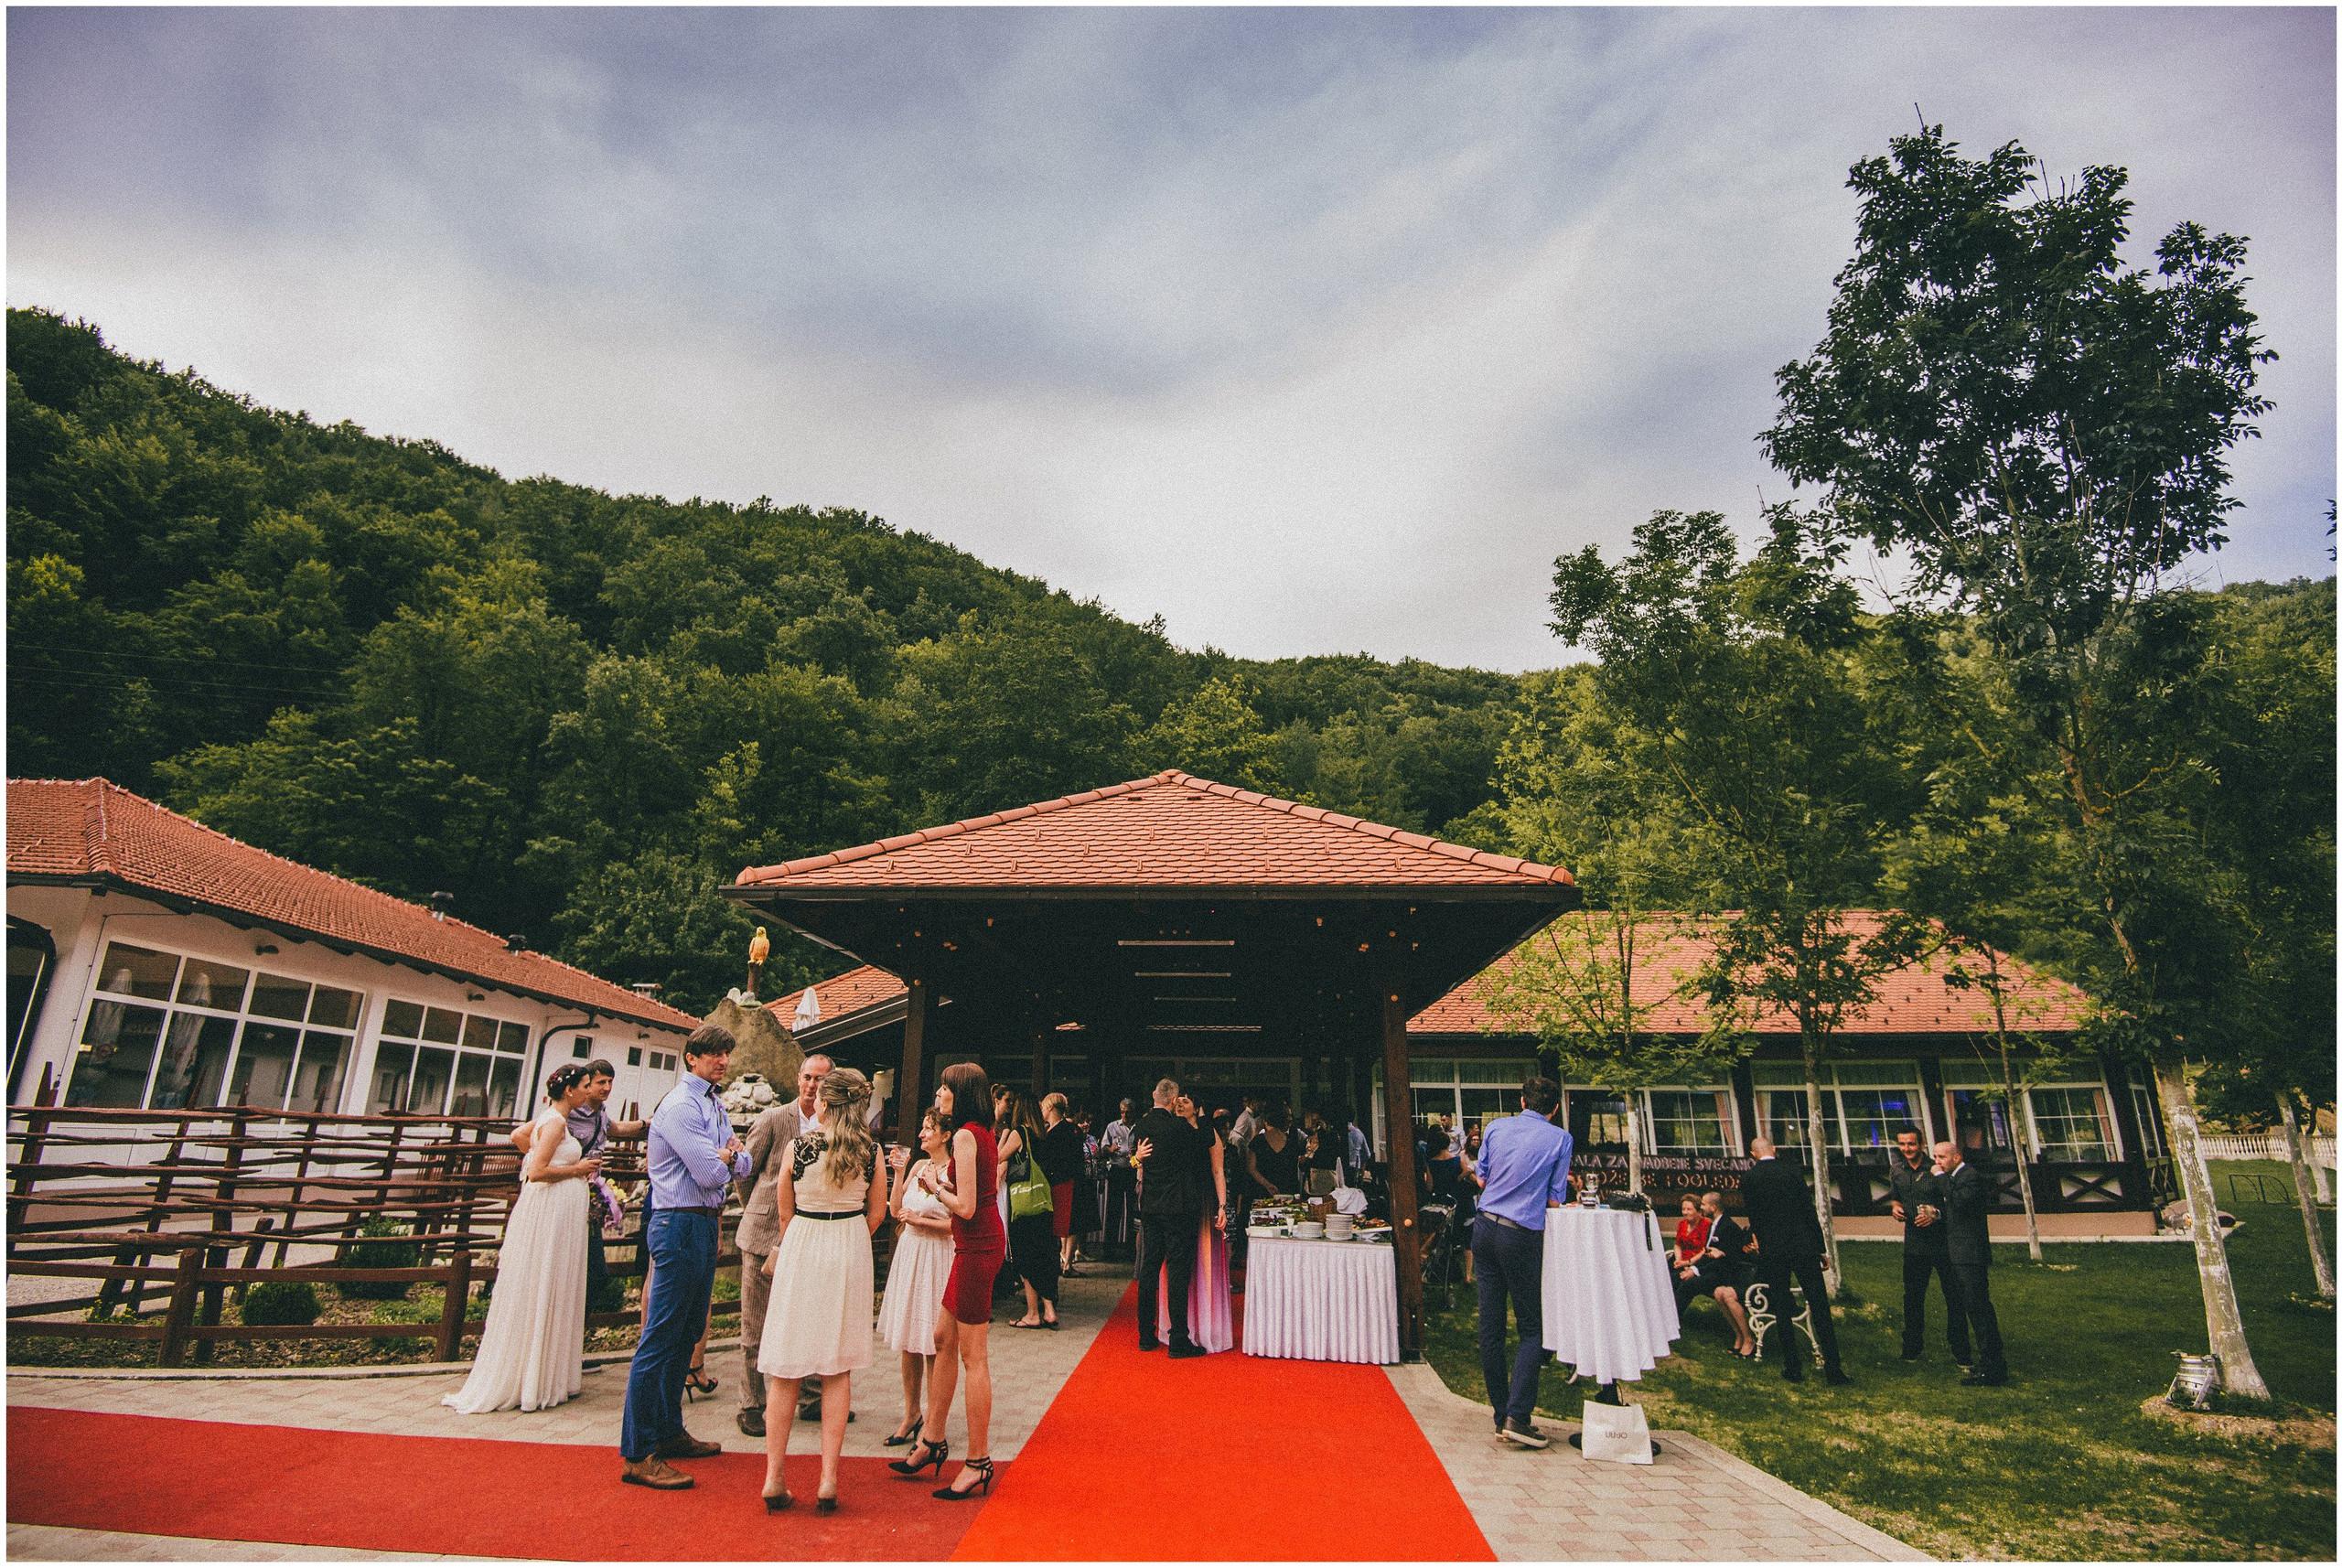 Vjenčanja Divlje Vode, okupljanje gostiju